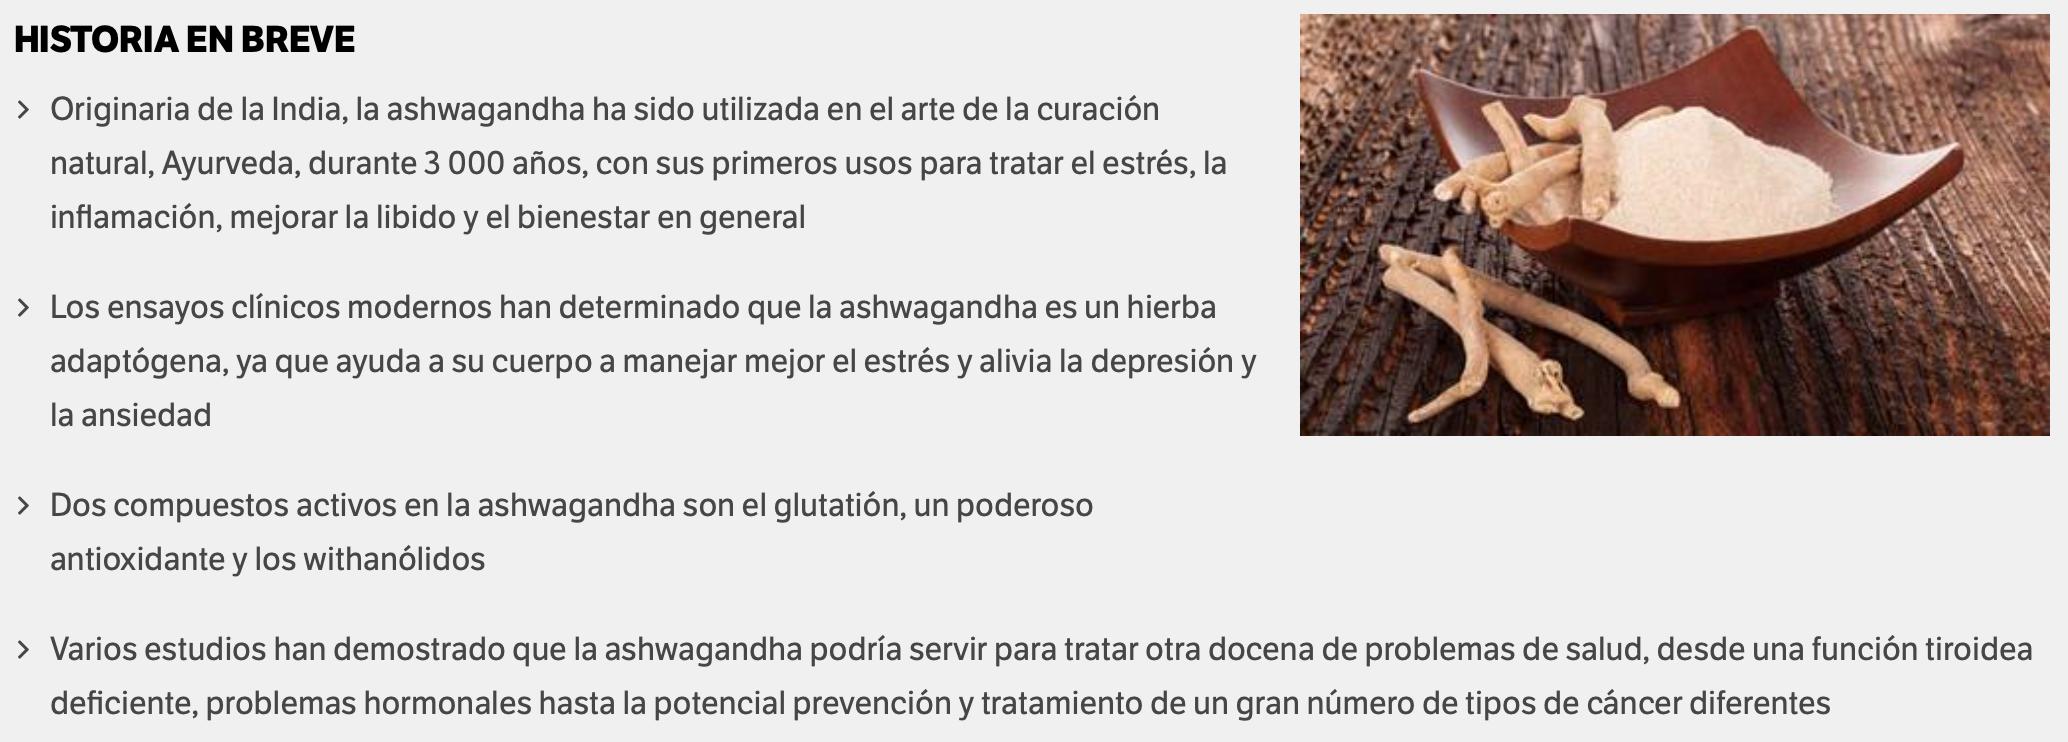 Resumen de beneficios de la famosa ashwagandha tomados de la web del doctor Mercola.